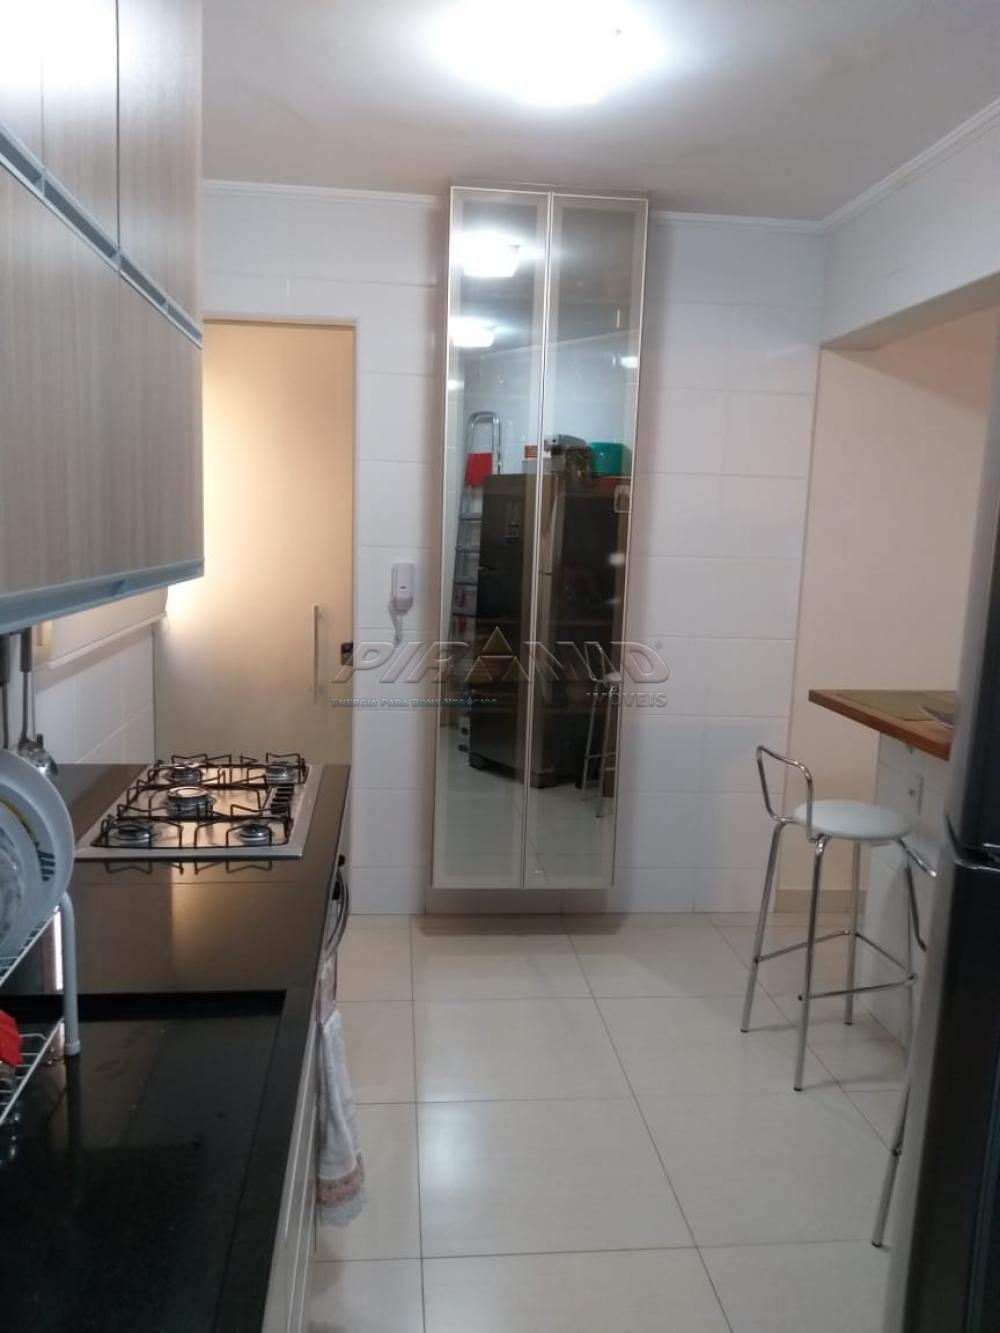 Comprar Apartamento / Padrão em Ribeirão Preto apenas R$ 435.000,00 - Foto 4